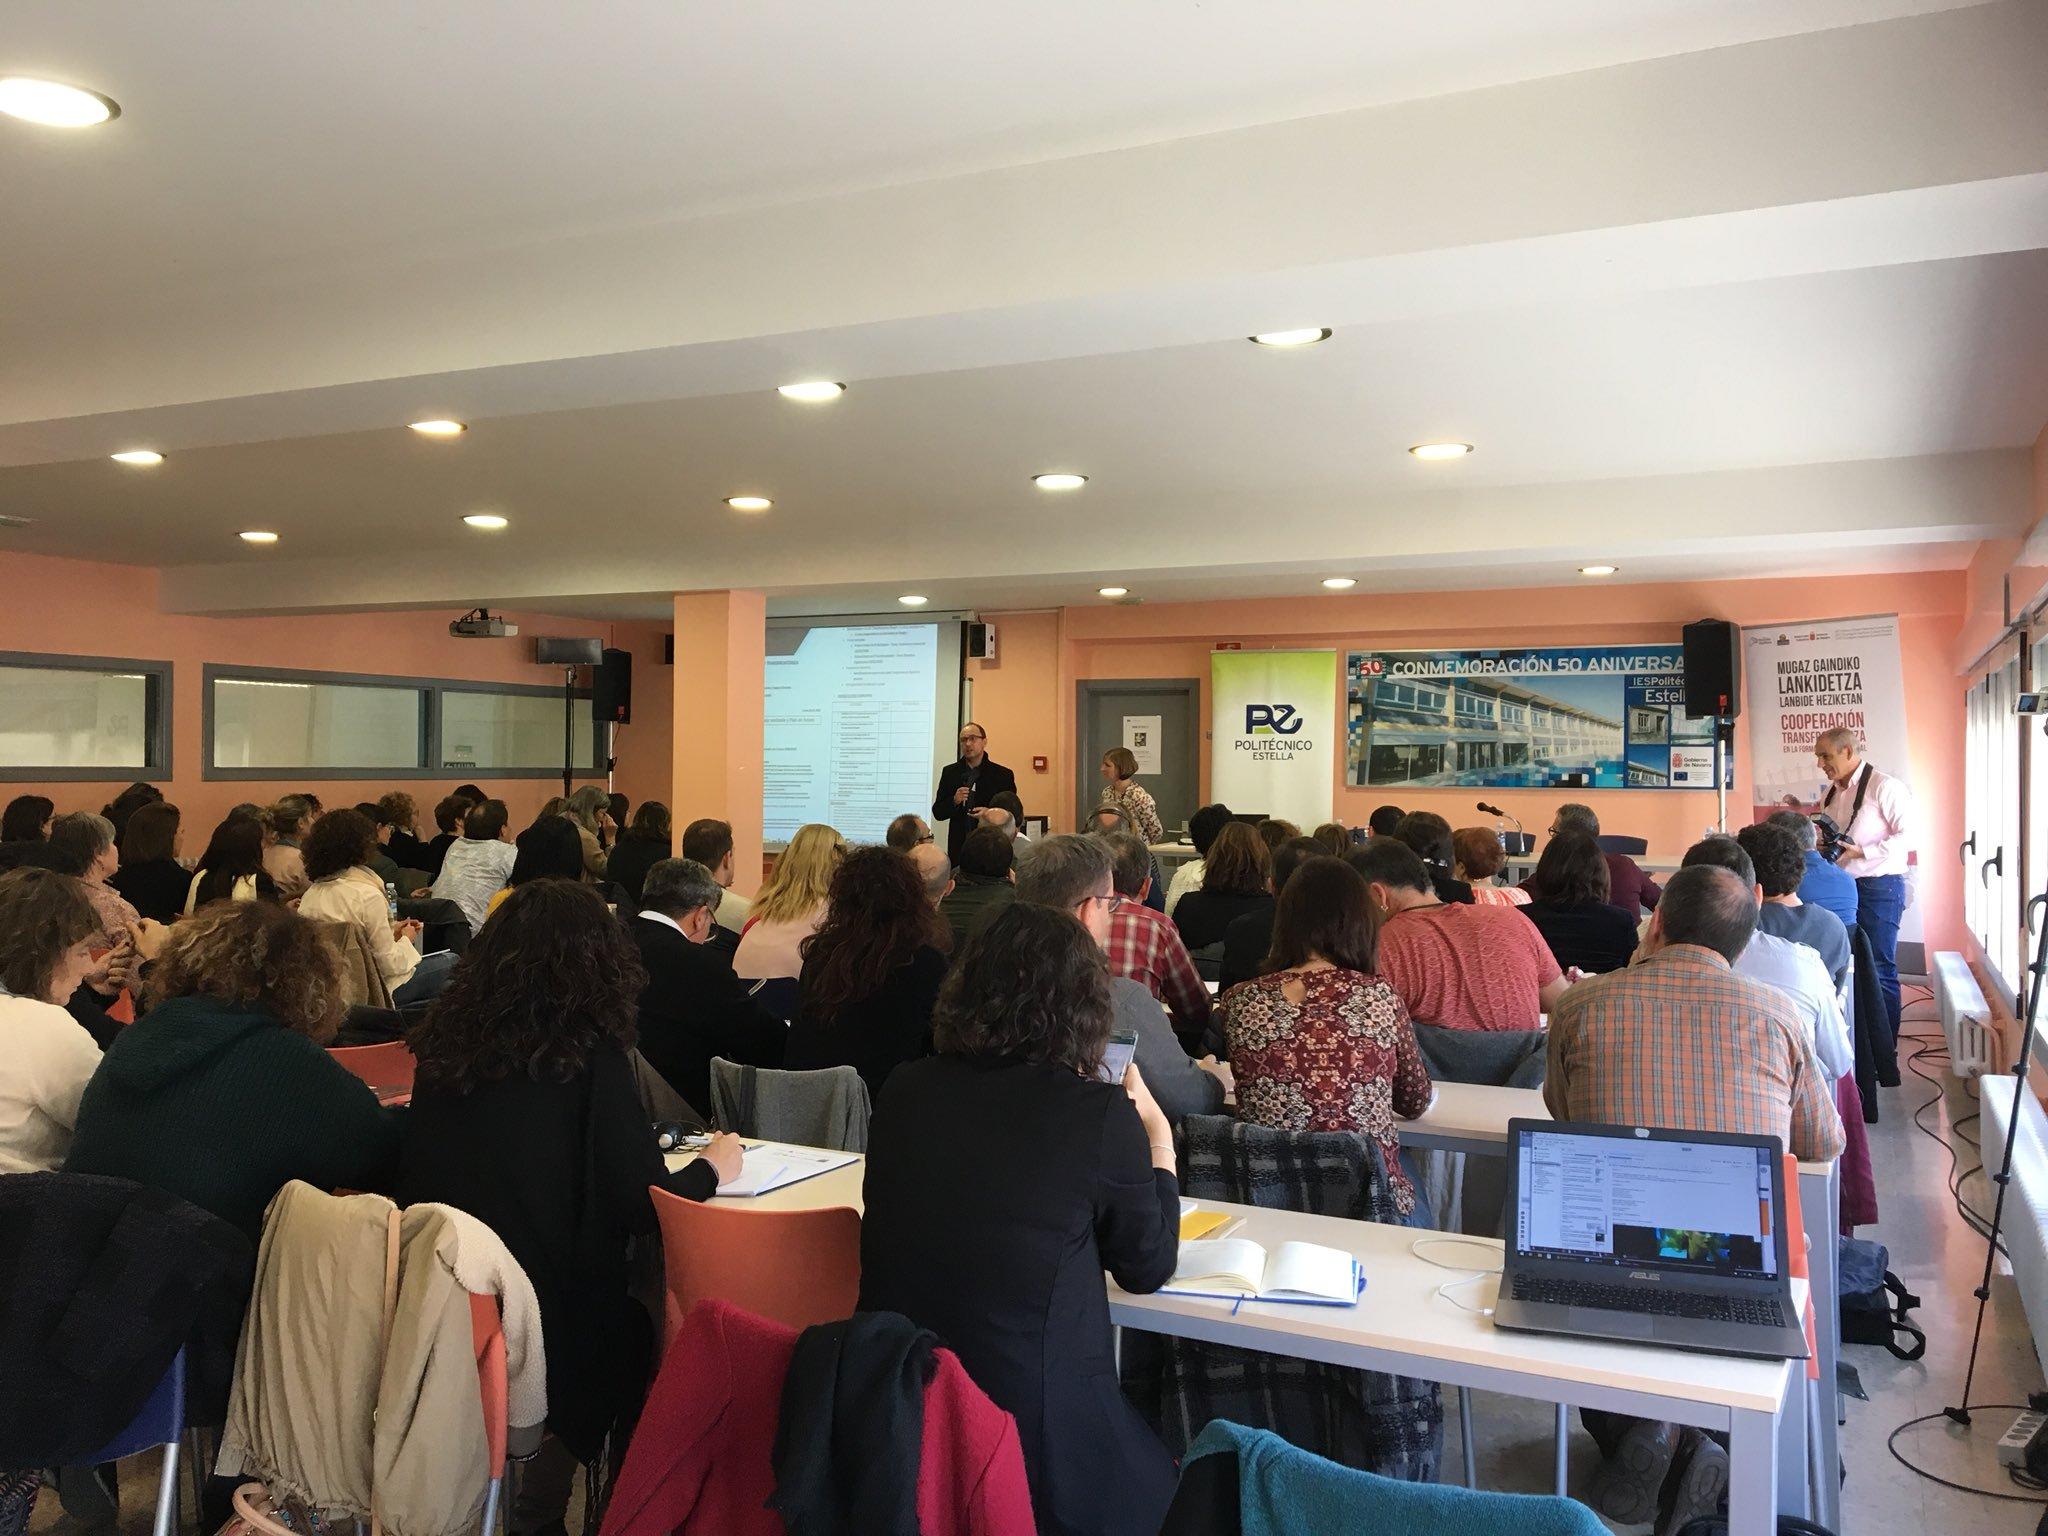 Imagen de personas dando la espalda a la cámara y atendiendo sentadas en filas, las explicaciones de un ponente en una aula grande y pintada de naranja.